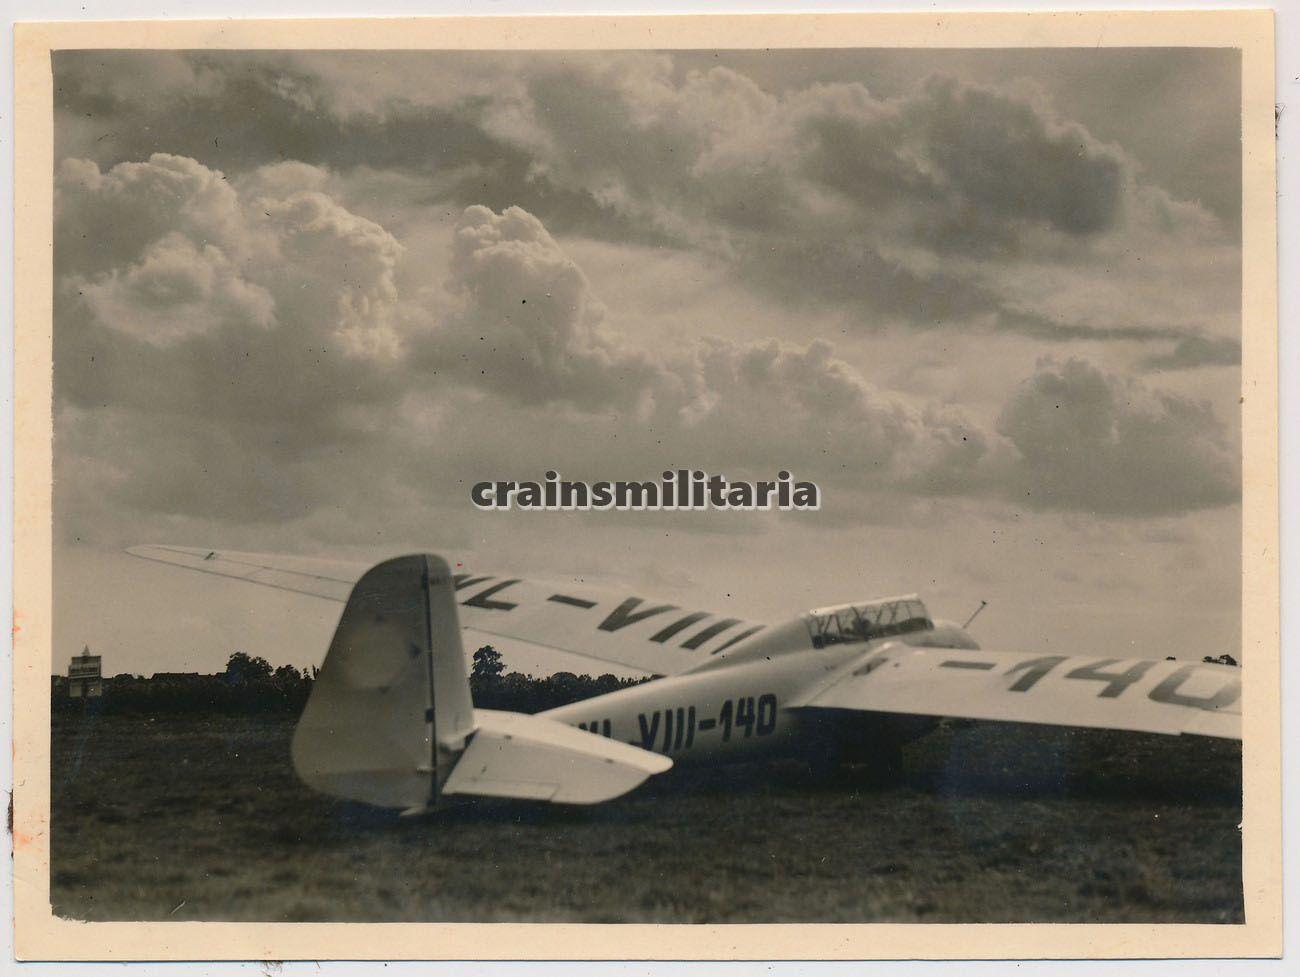 glider_DFS_04_Polen 1942.JPG